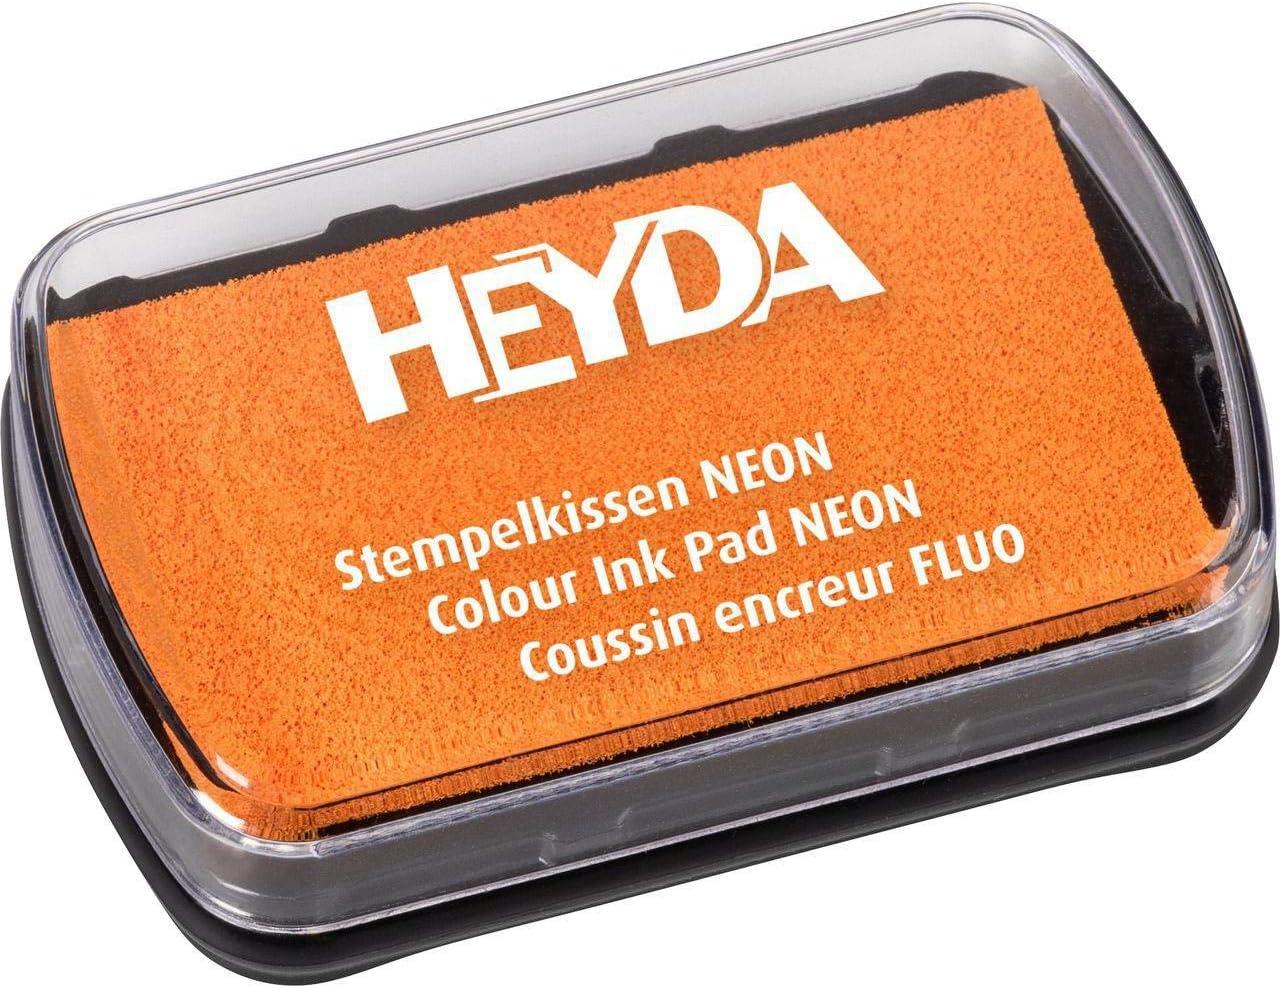 Orange Inkpad Neon Heyd Kunst Liefert Stempelkissen